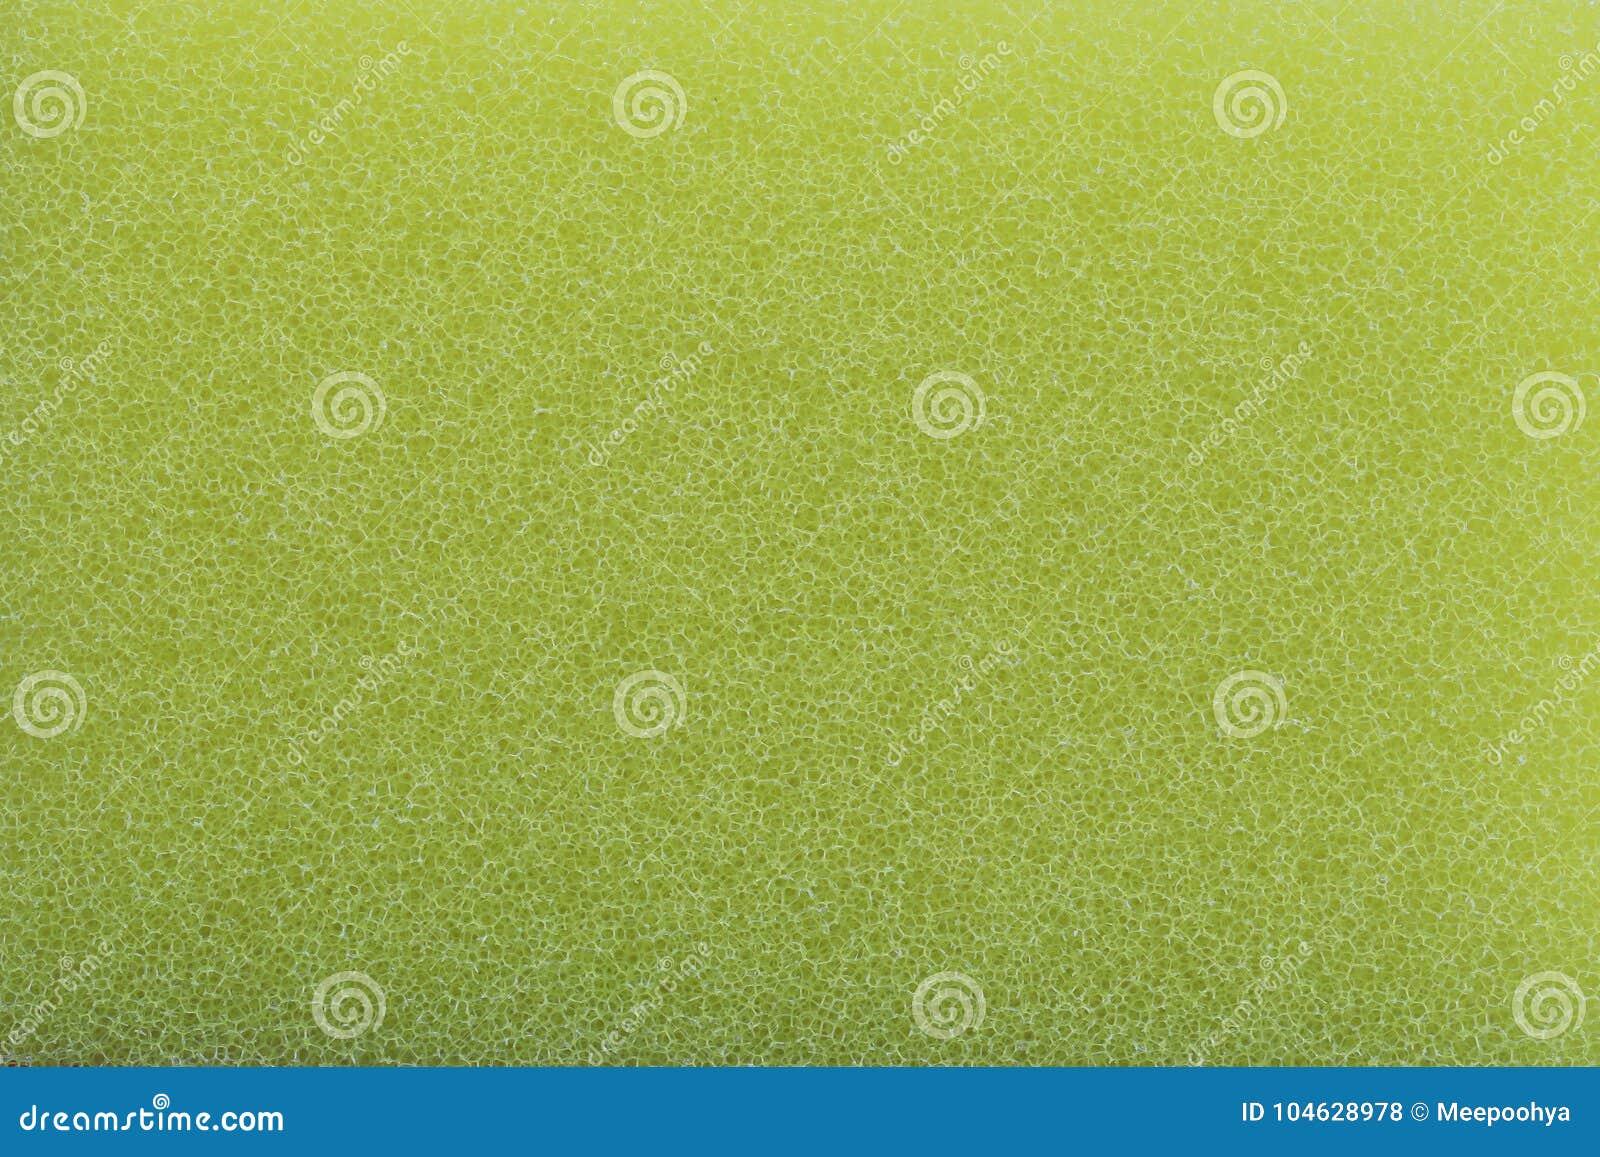 Download De Gele Achtergrond Van De Sponsoppervlakte Stock Foto - Afbeelding bestaande uit achtergrond, kunstmatig: 104628978